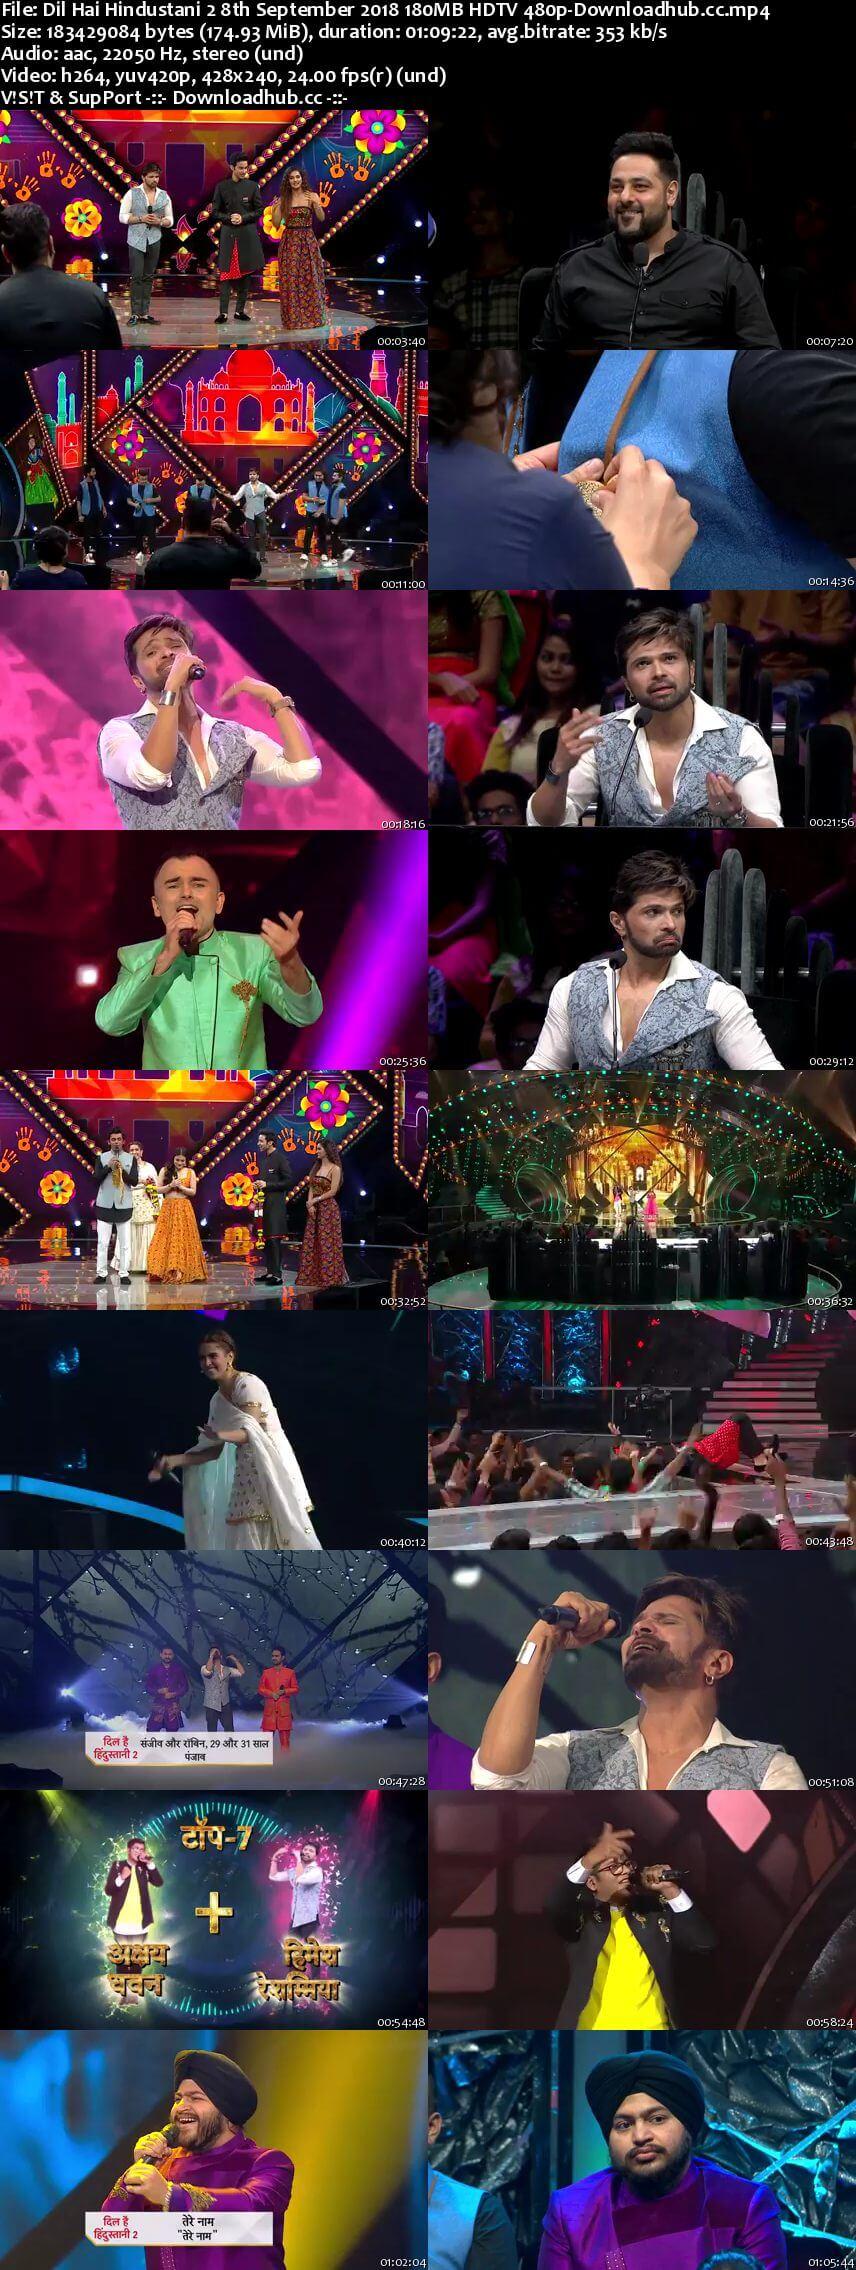 Dil Hai Hindustani 2 08 September 2018 Episode 19 HDTV 480p